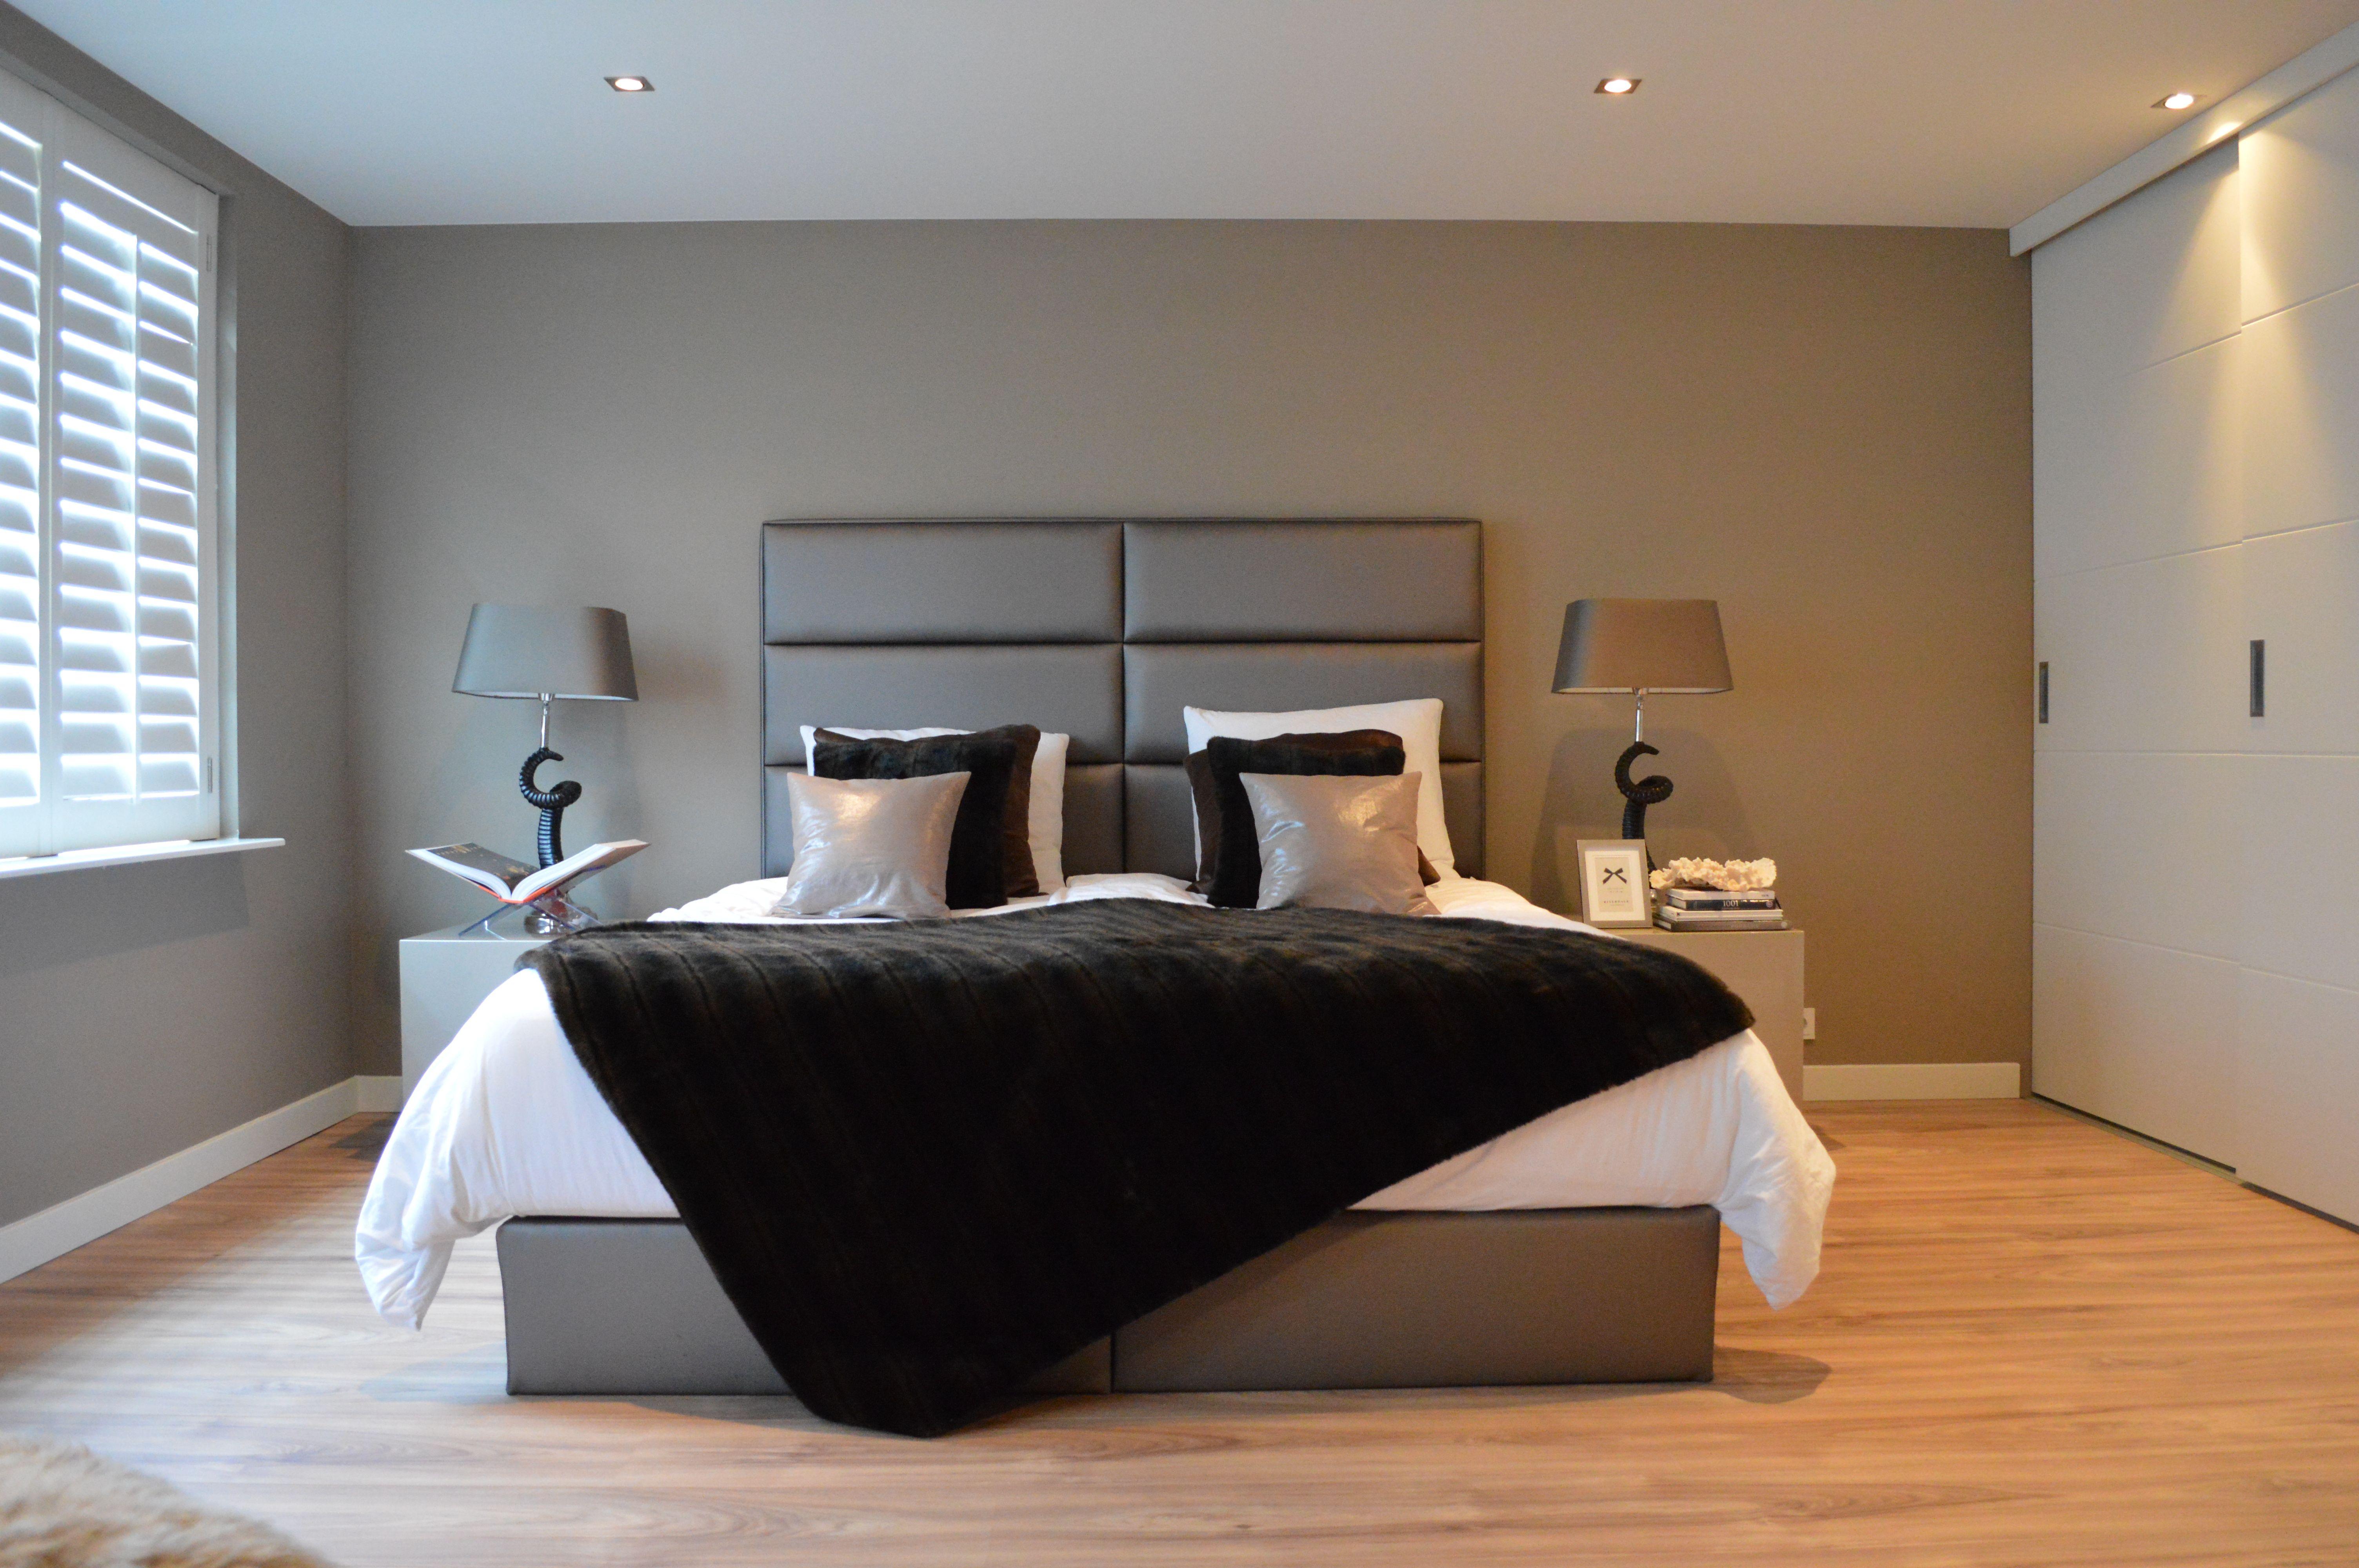 Slaapkamer Inspiratie Landelijk : Luxe hoofdborden aan bed op maat slaapkamer inspiratie